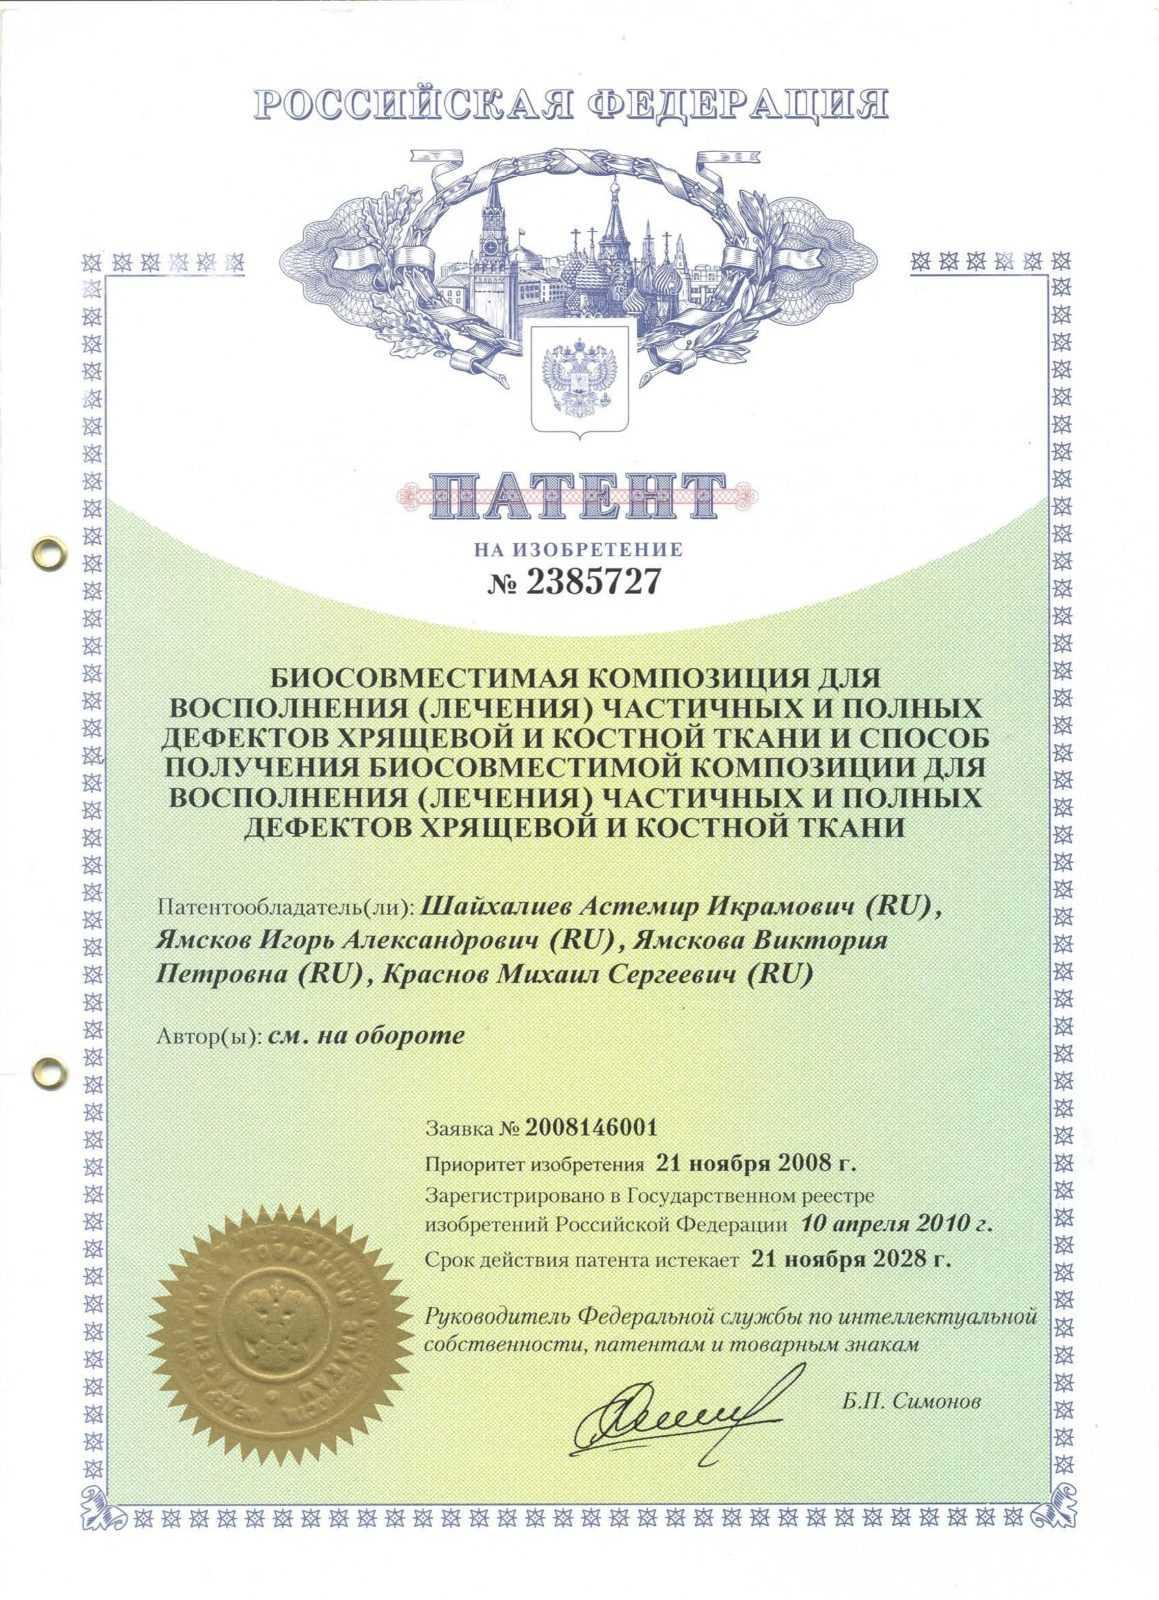 Патент на Биосовместимой композиции для восполения частичных и полных дефектов хрящевой и костной ткани